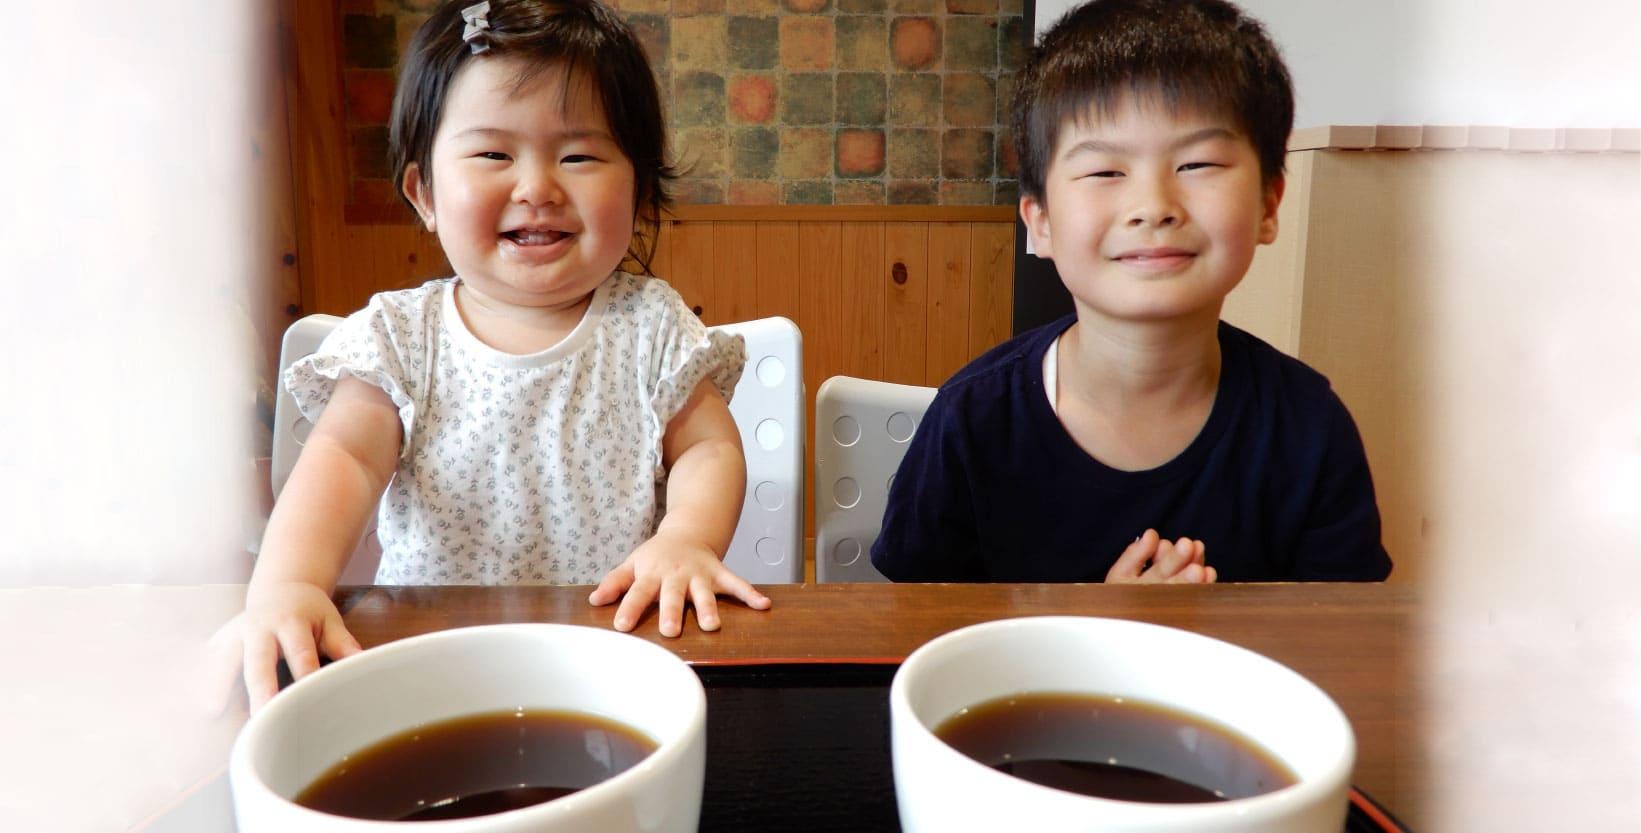 お味噌汁を食べる子供